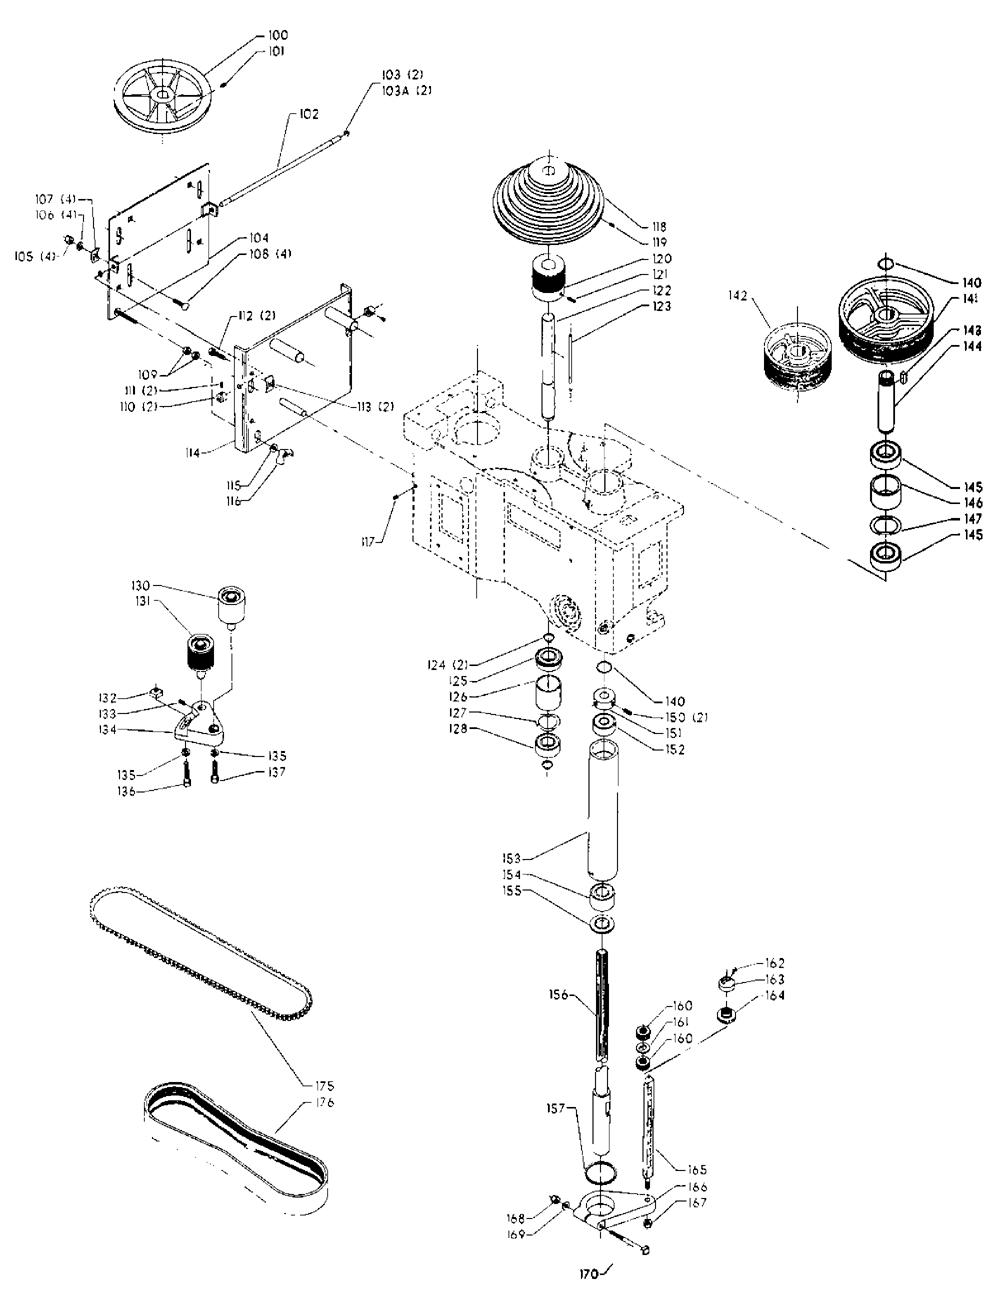 70-275-Delta-T1-PB-3Break Down